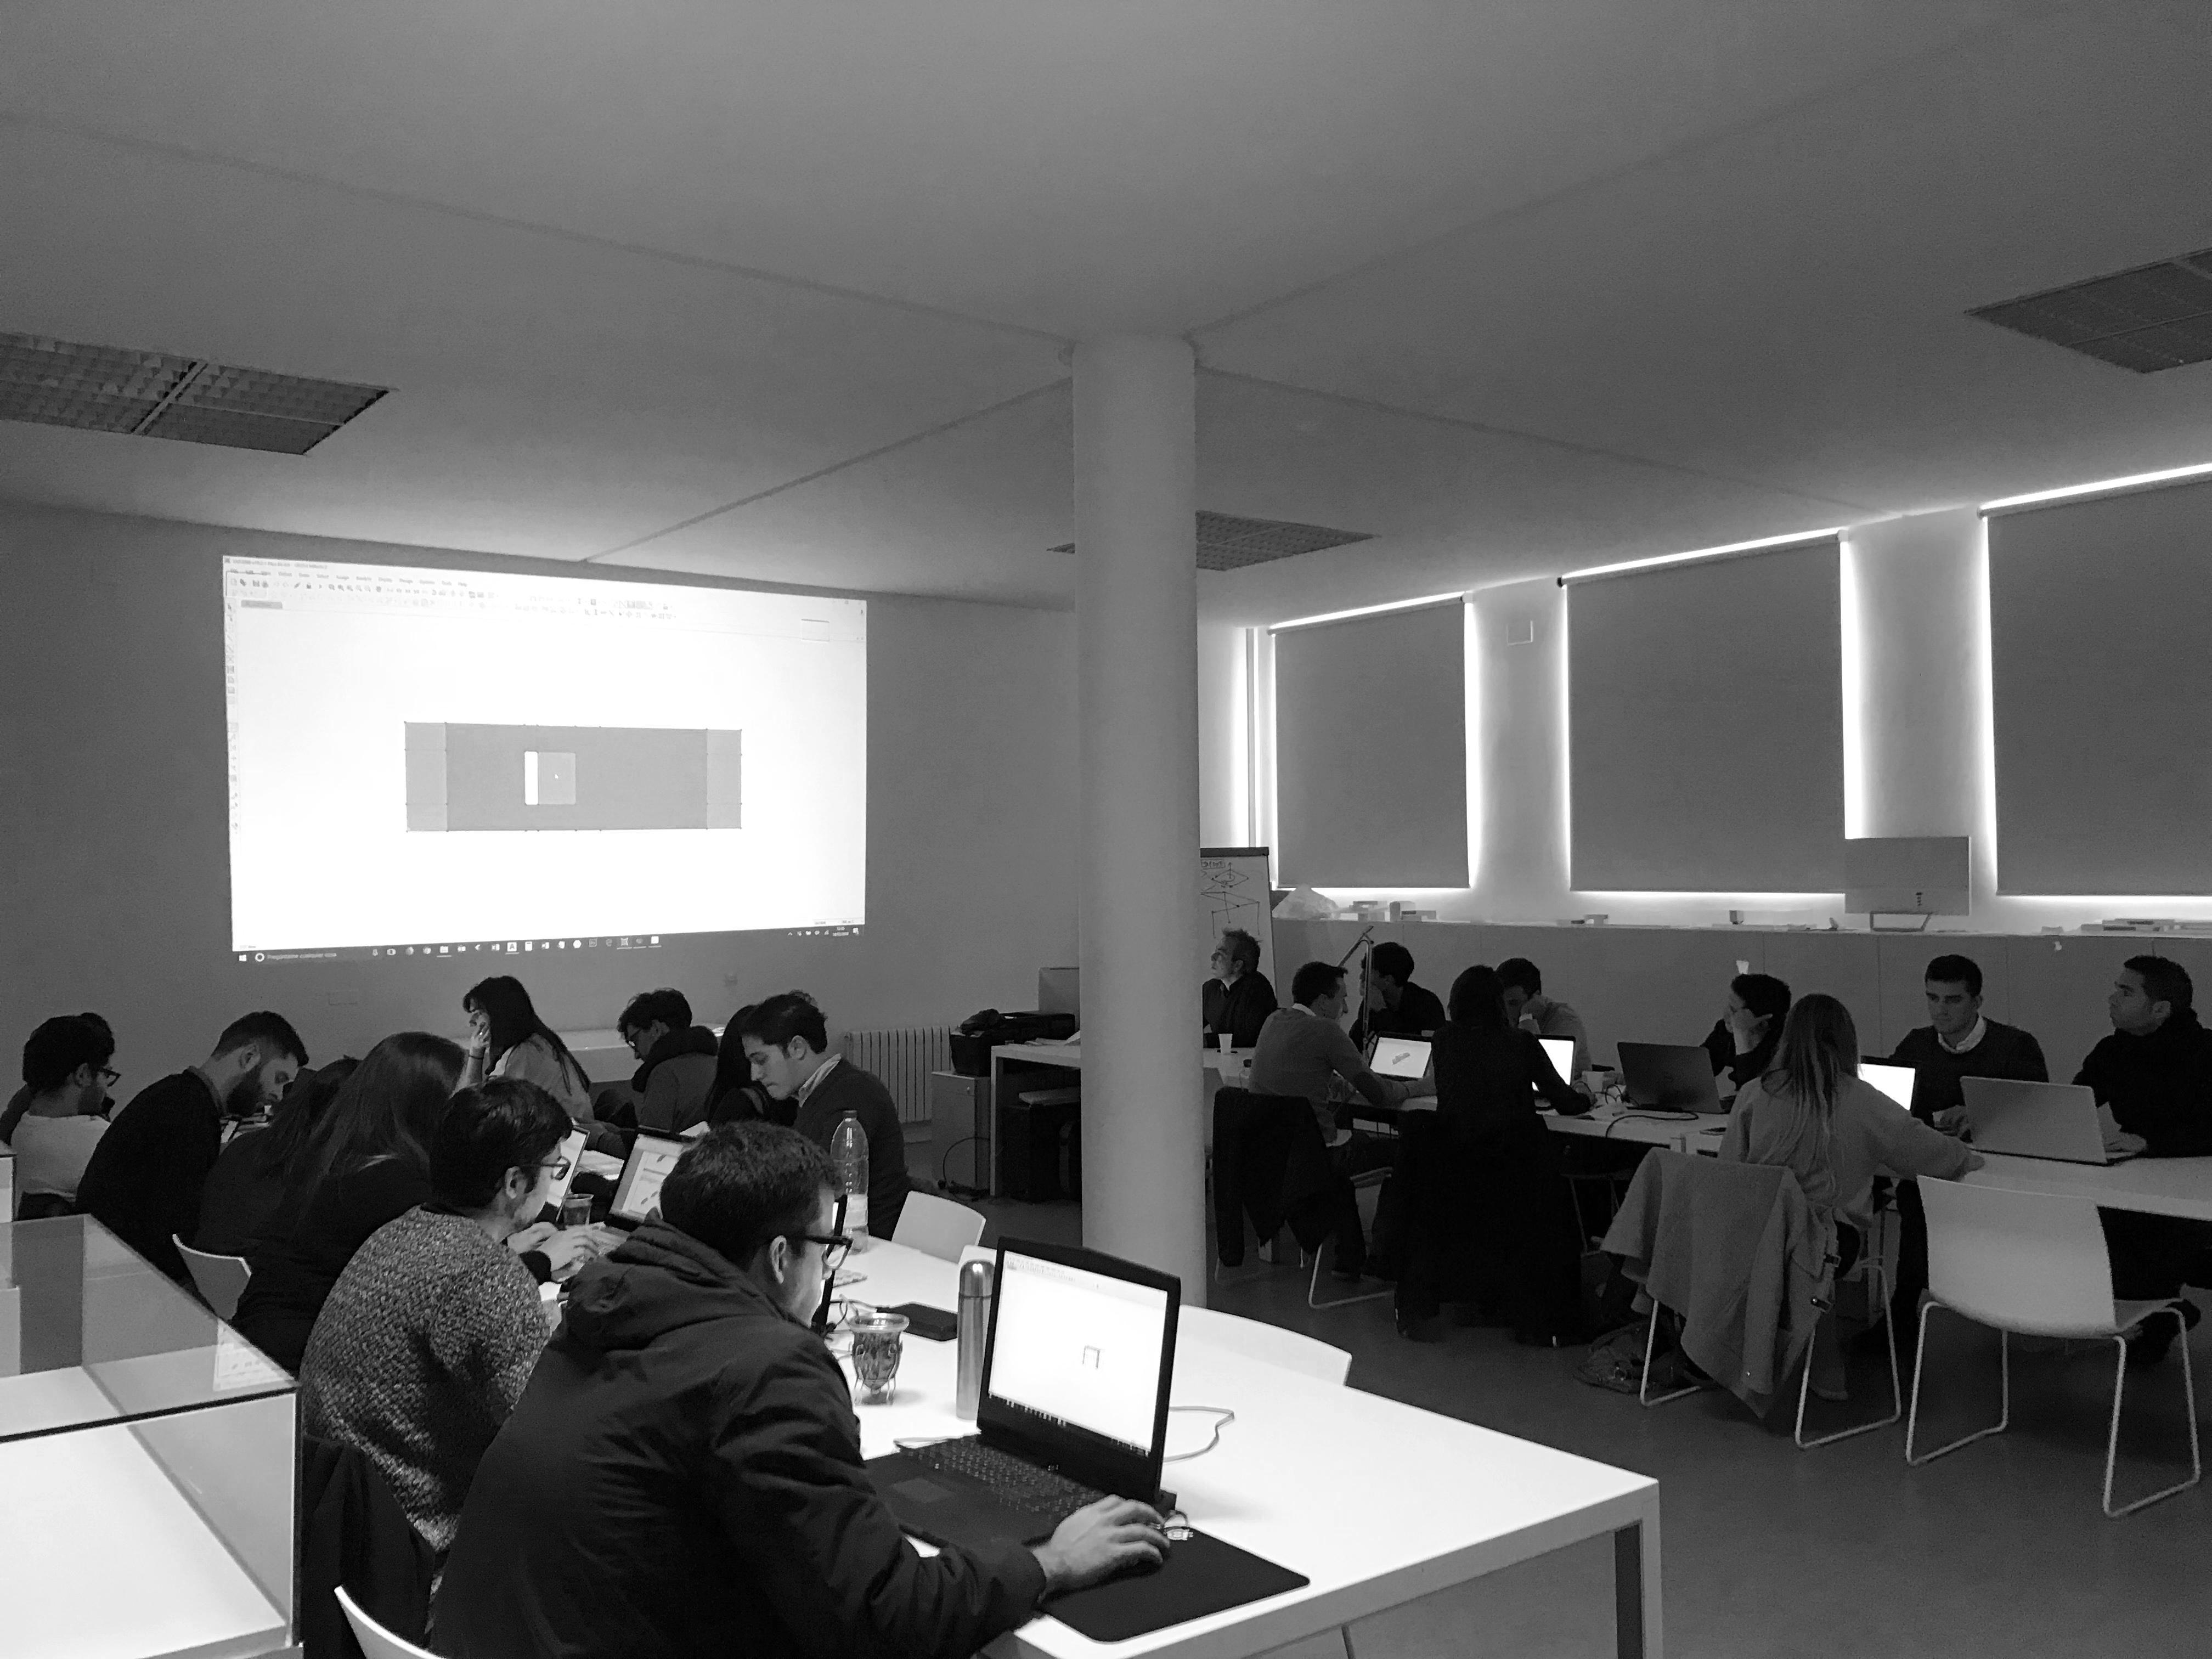 Sesión estructuras en March Valencia - Máster en Arquitectura y Diseño